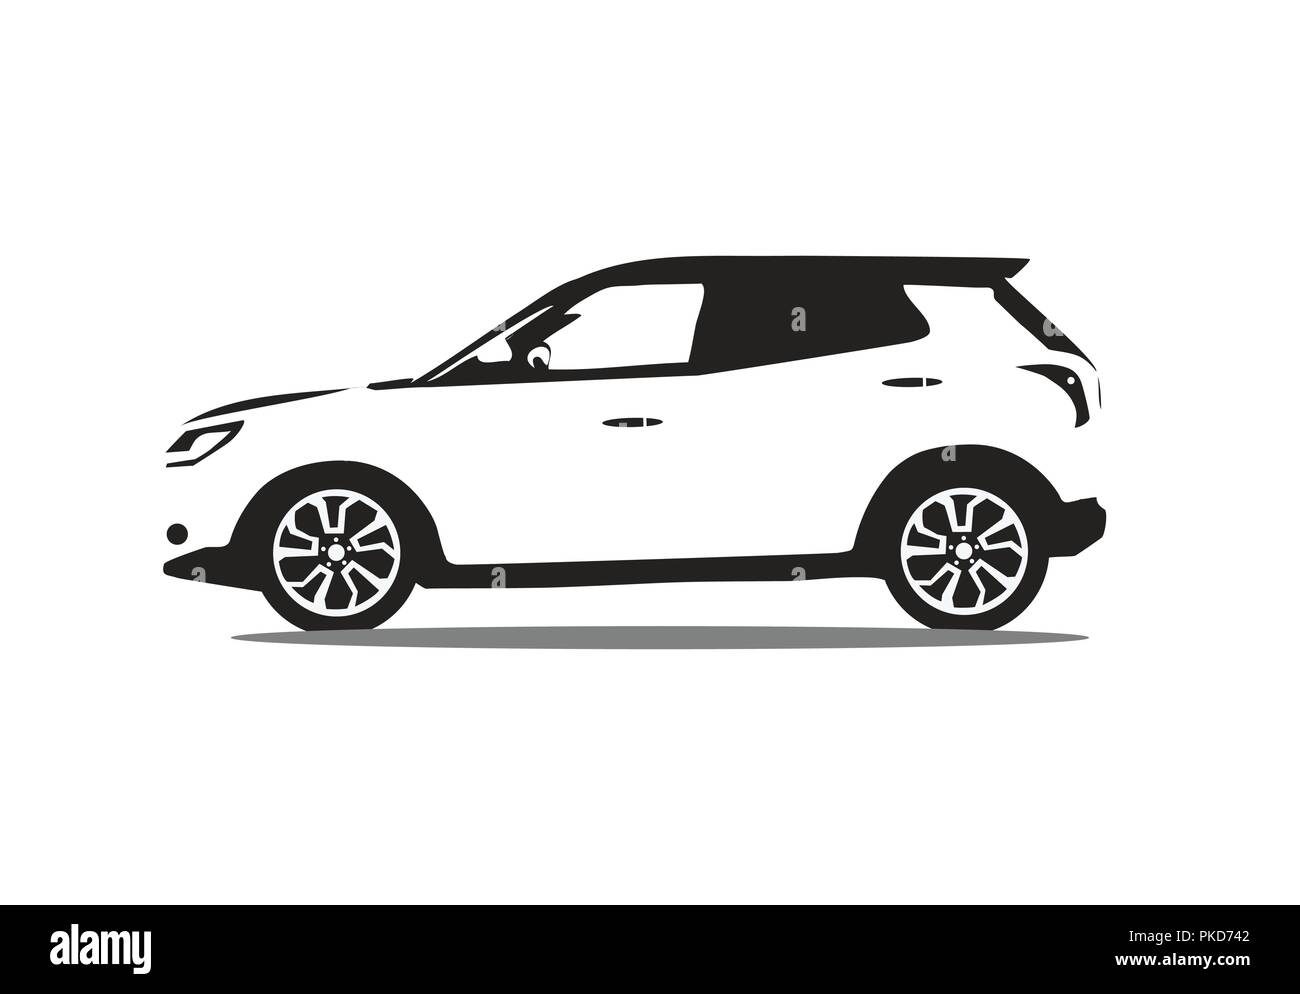 Automotive Car Logo Vector Design Creative Concept With Sports Car